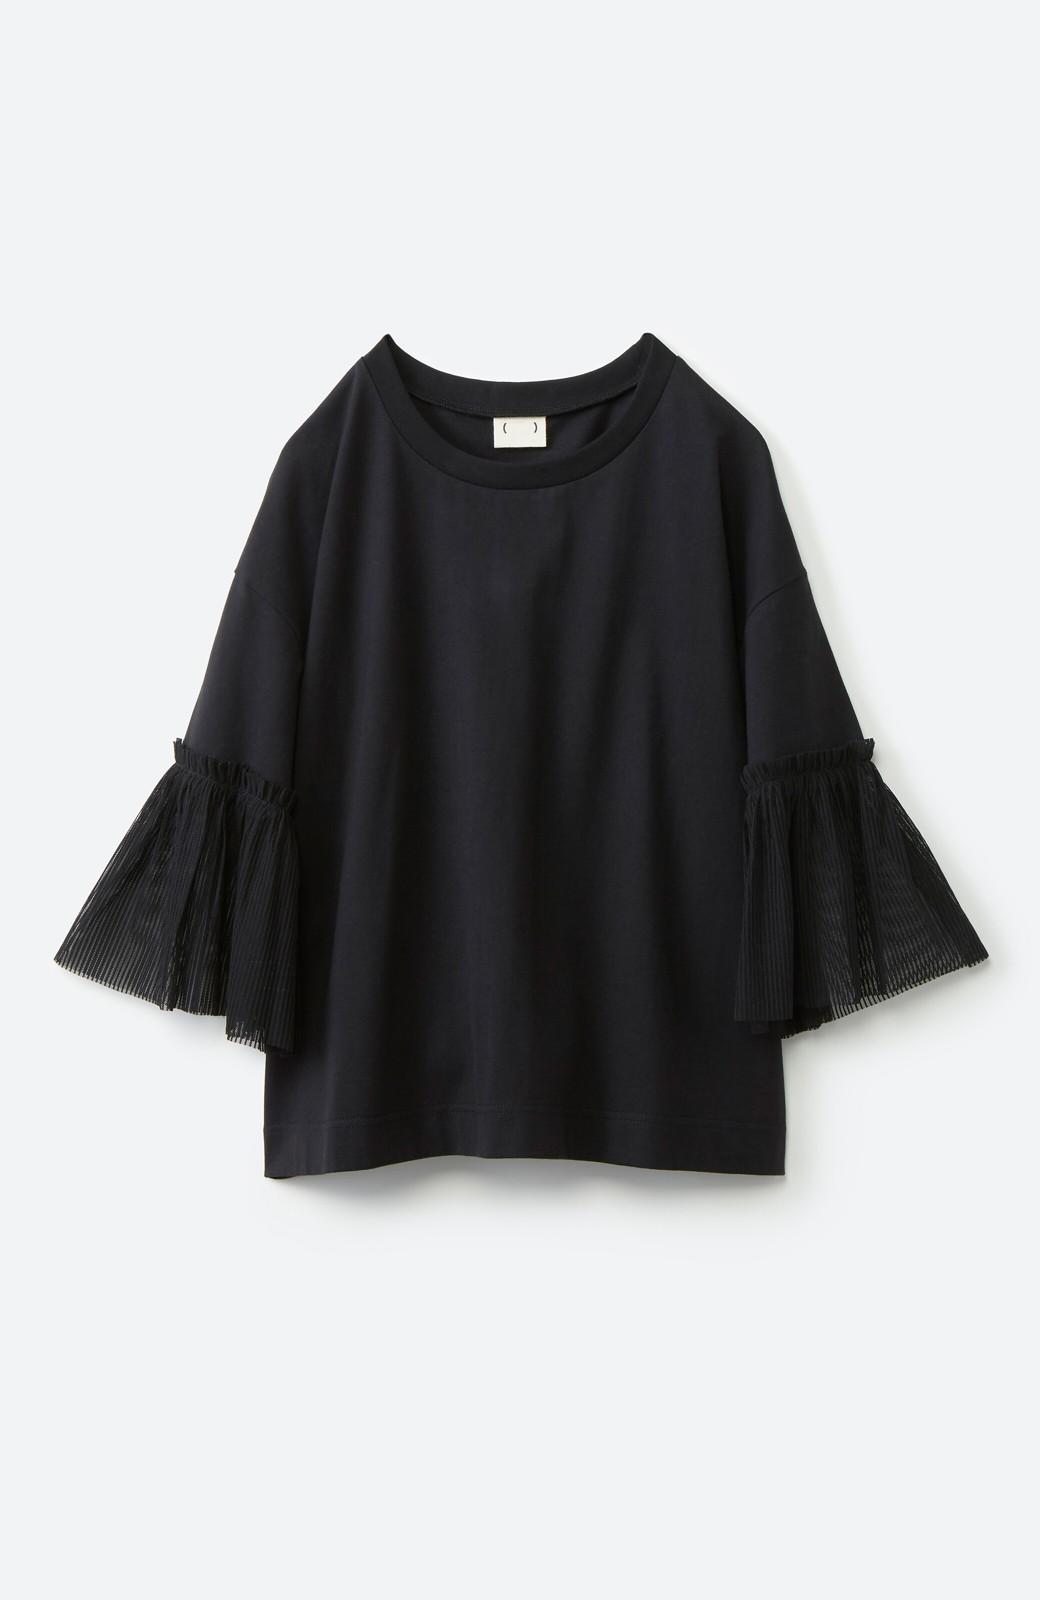 haco! ほんのり透けるストライプ袖が女っぽい 異素材カットソートップス <ブラック>の商品写真13